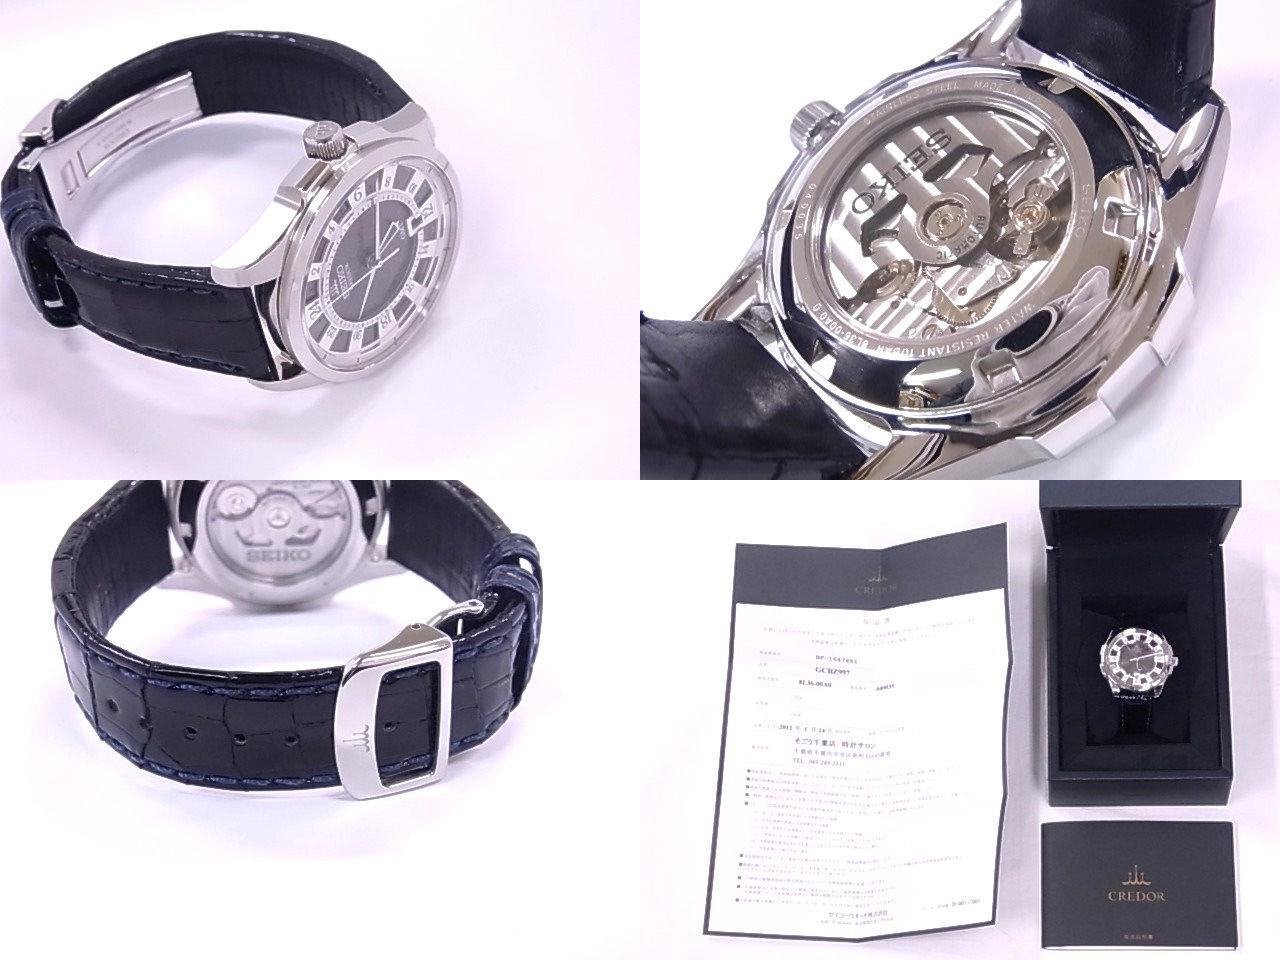 Seiko SEIKO GCBZ997 8L36 credor signo GMT SS × leather grey dial automatic winding skeleton